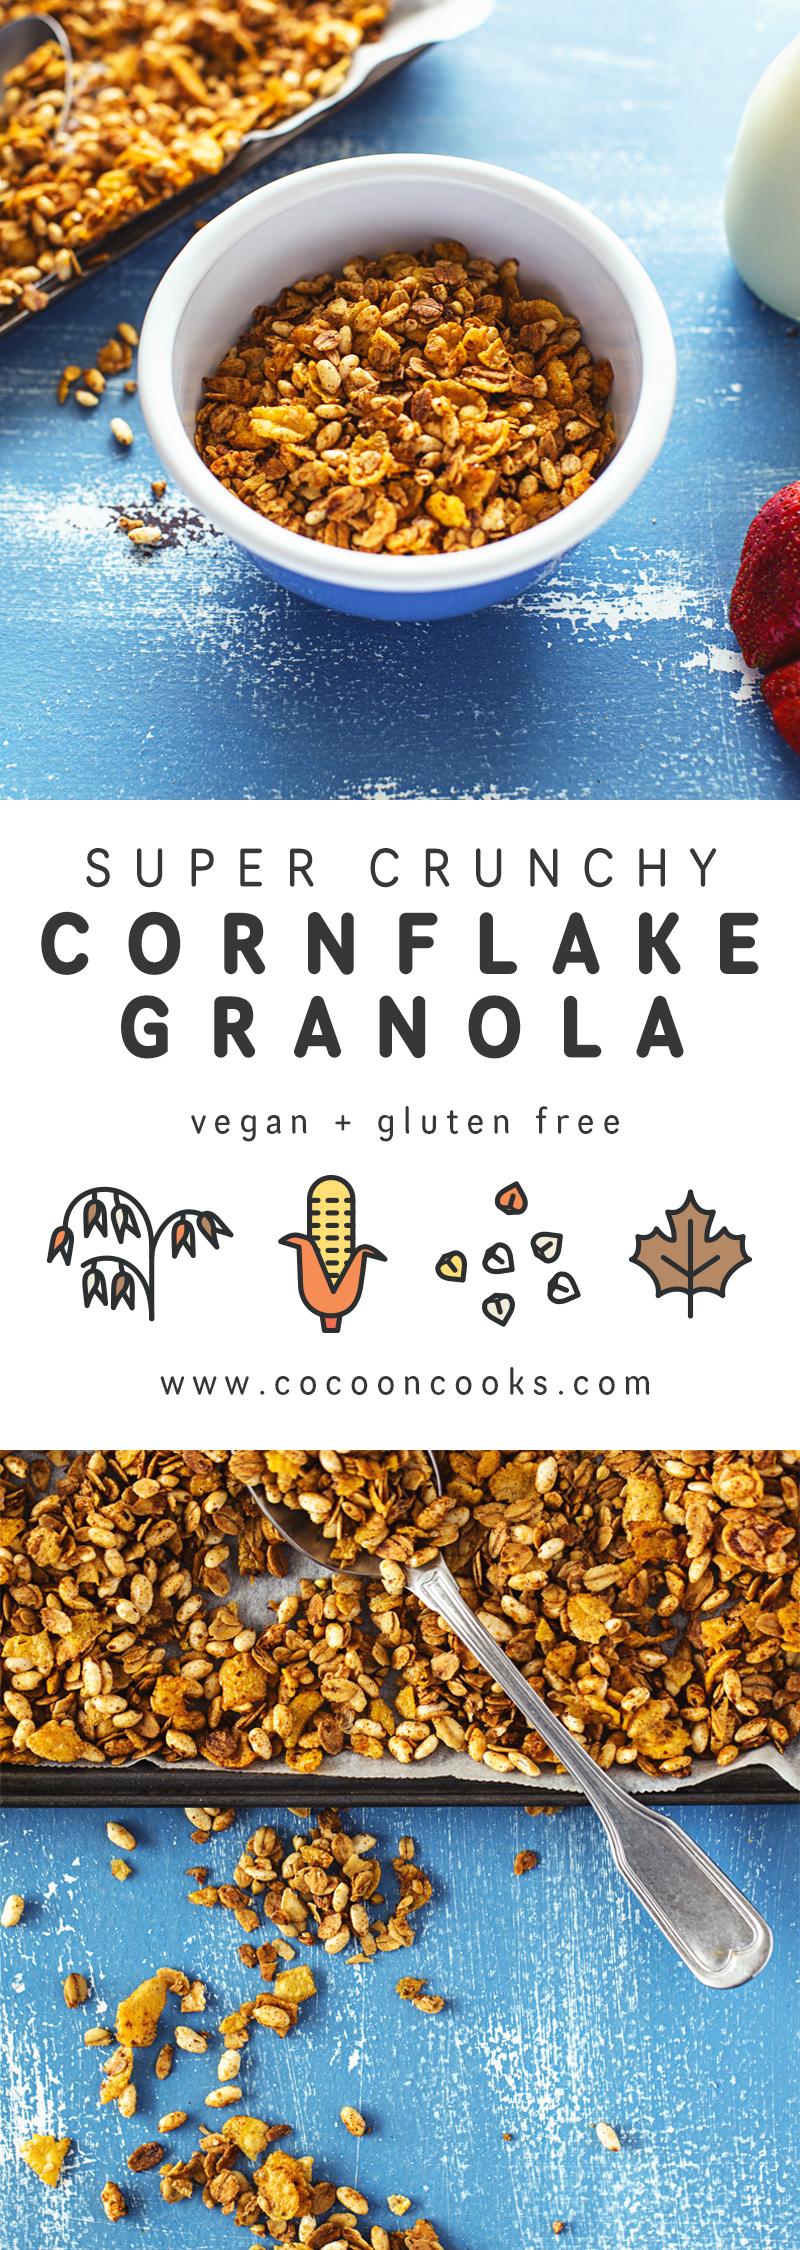 Rceita de Granola Super Crocante. Requer apenas 10 ingredientes e 20 minutos, e é 100% vegan, sem gluten nem frutos secos.